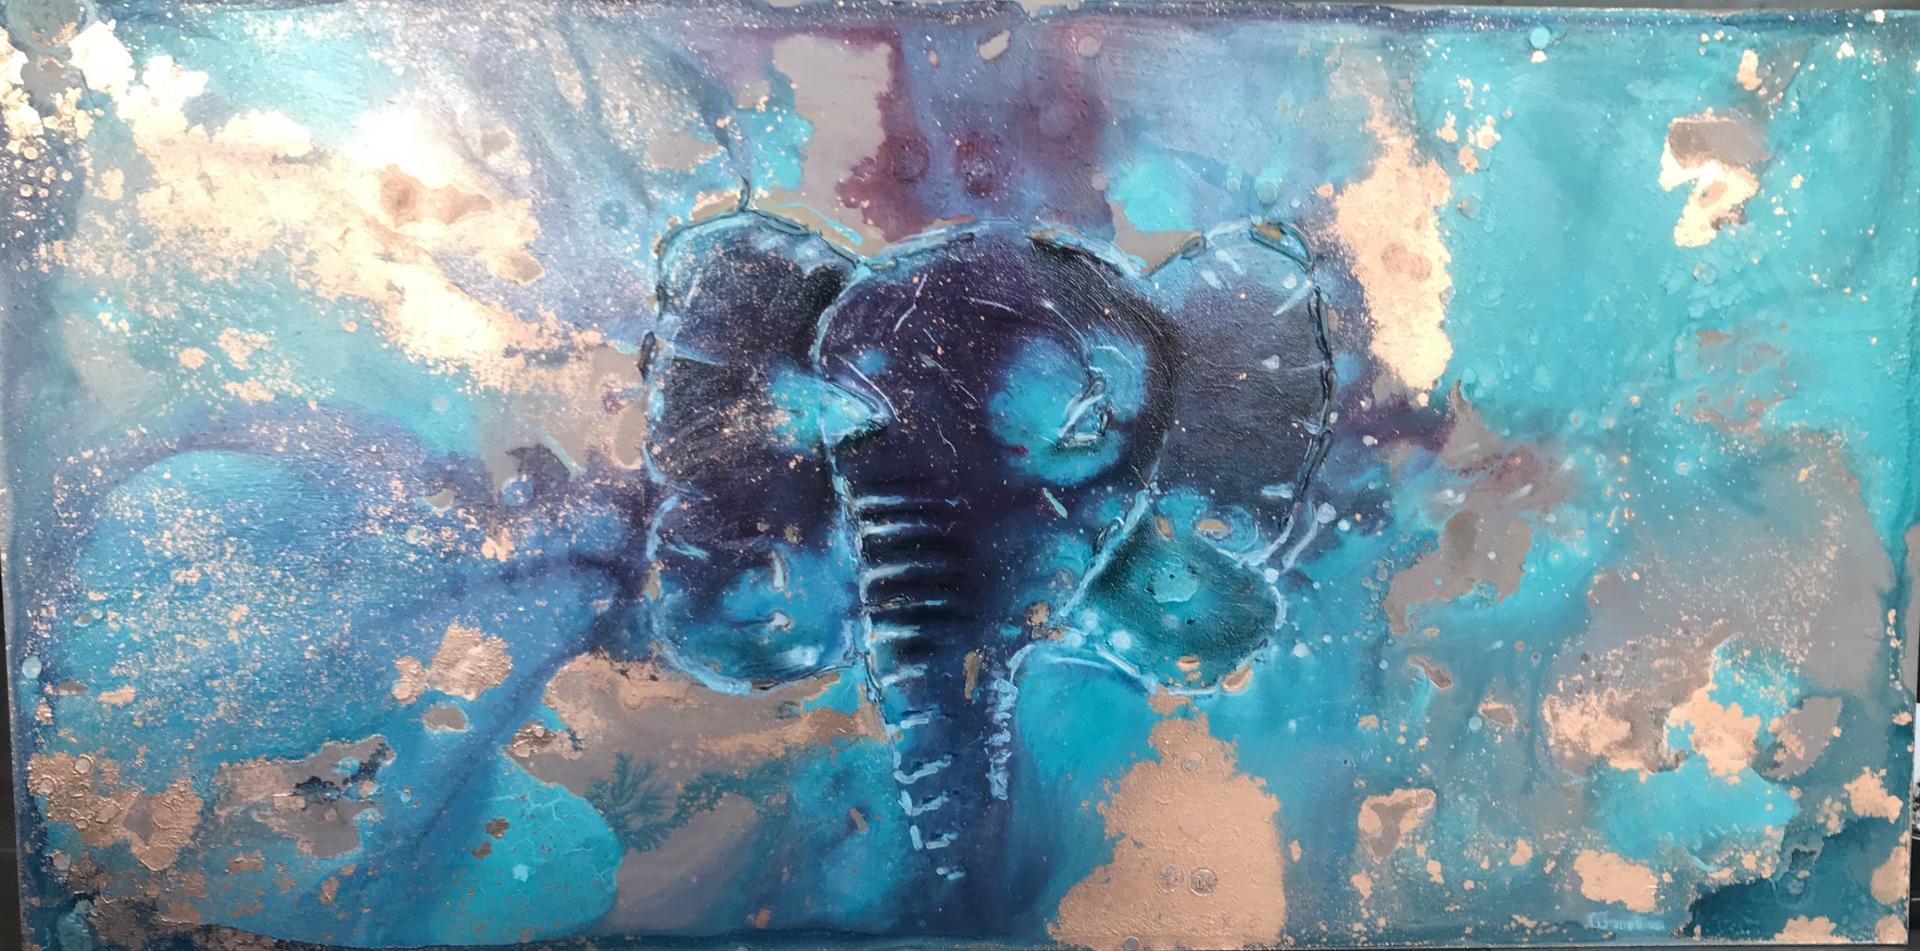 Mixelephant1